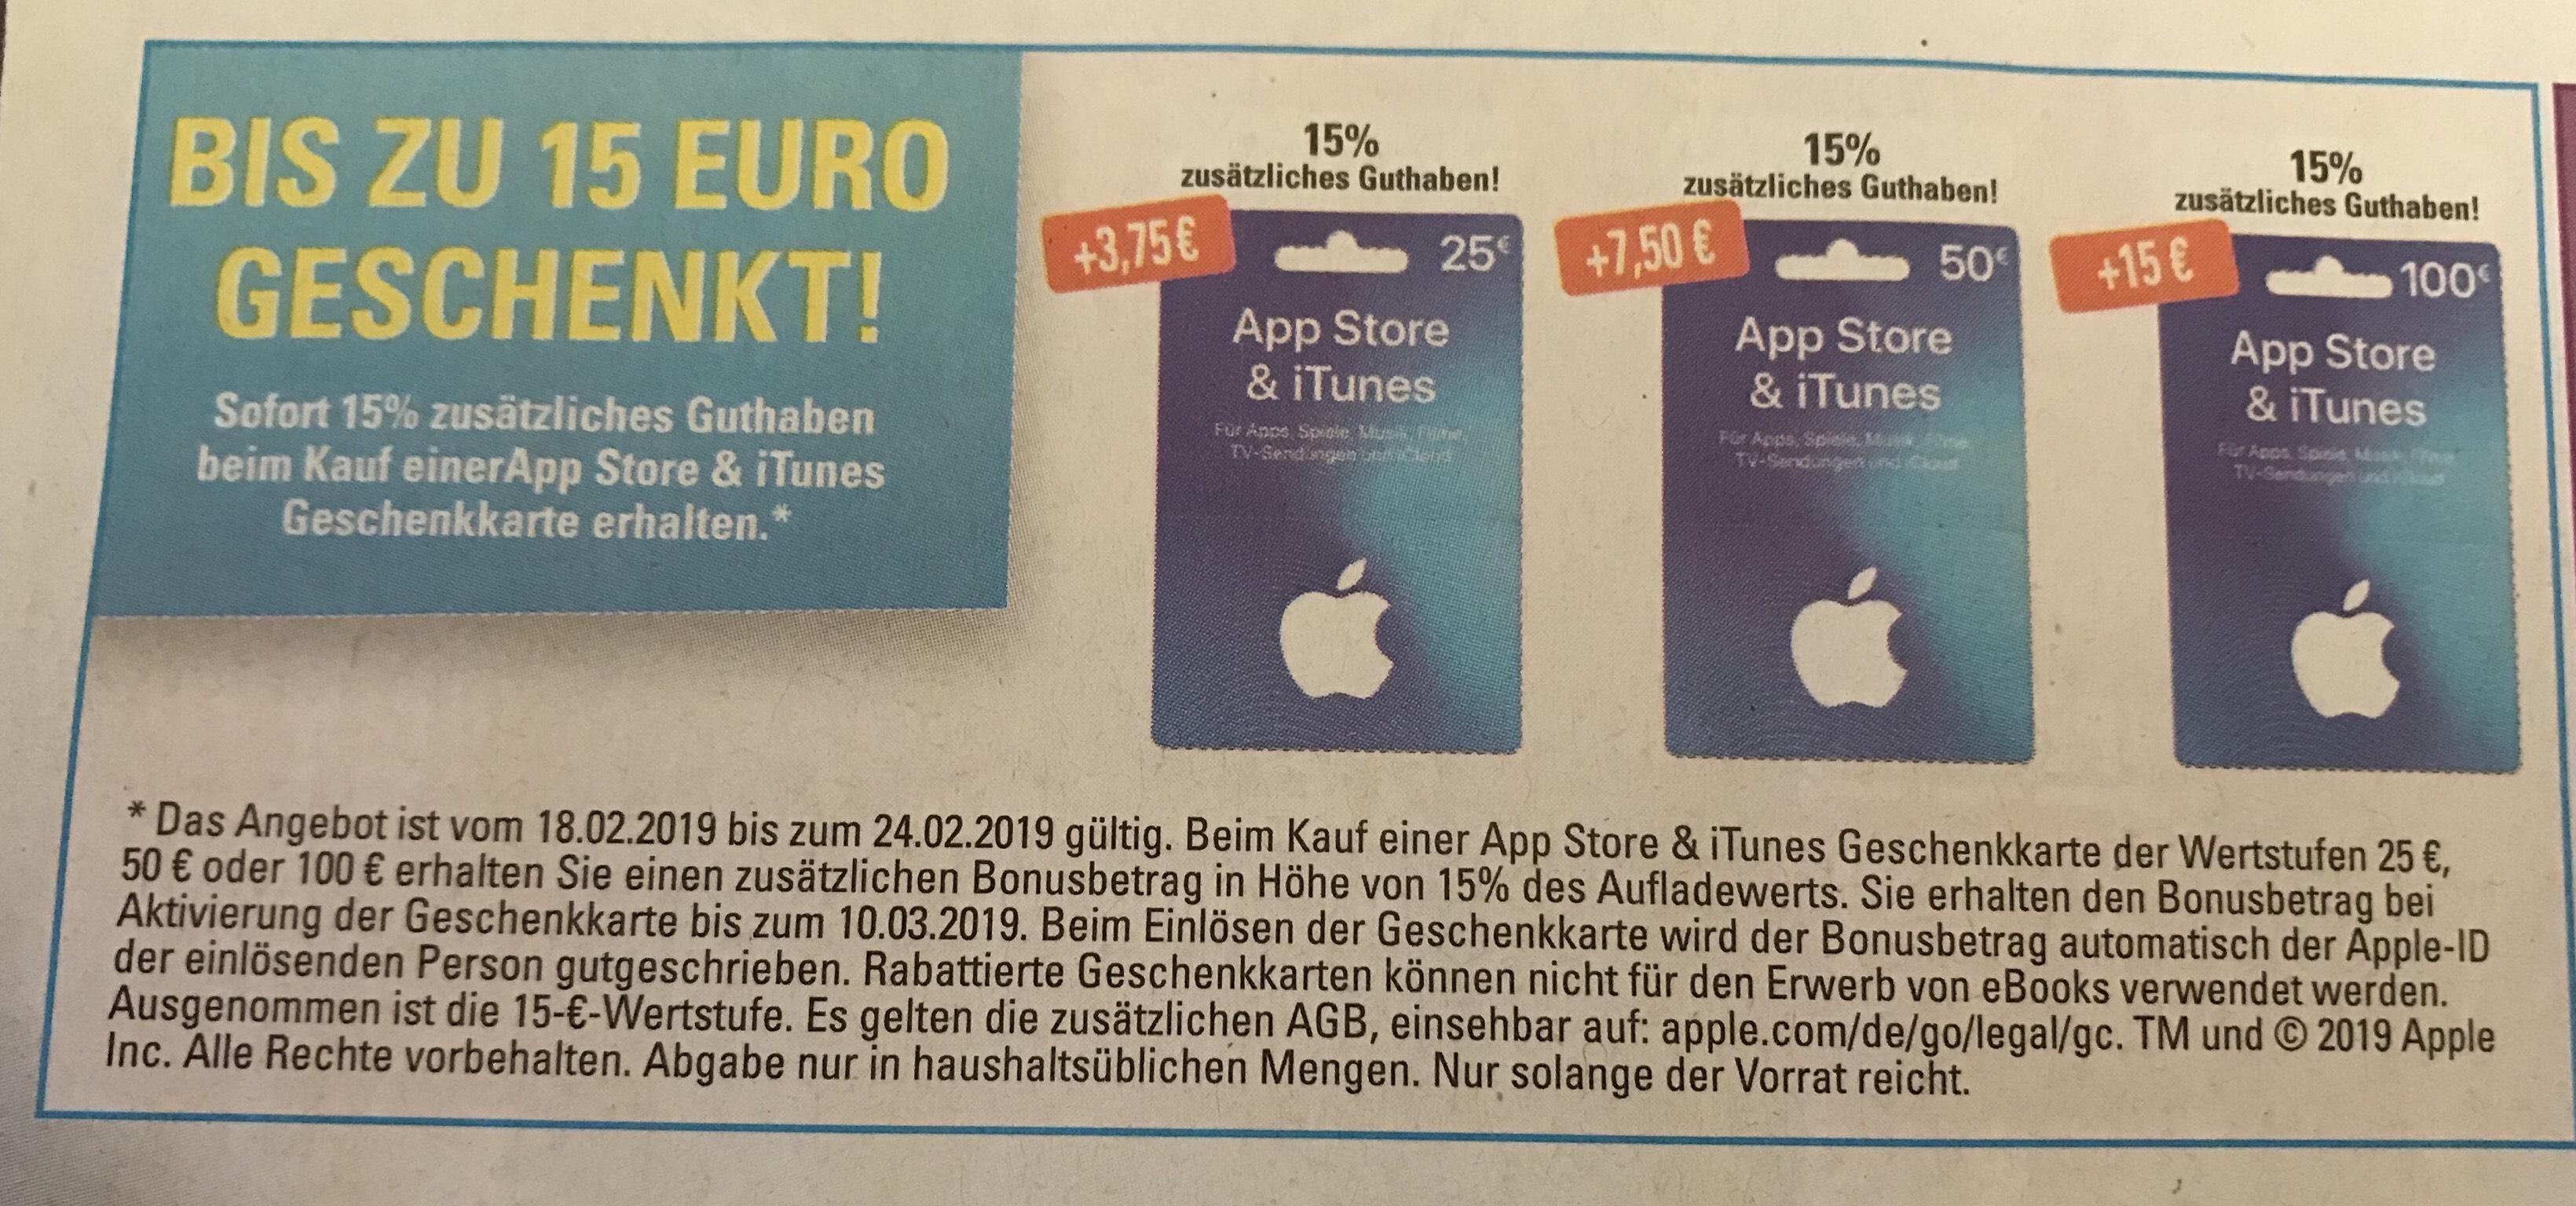 15% zusätzliches Itunes Guthaben bei Edeka ab 18.02.2019